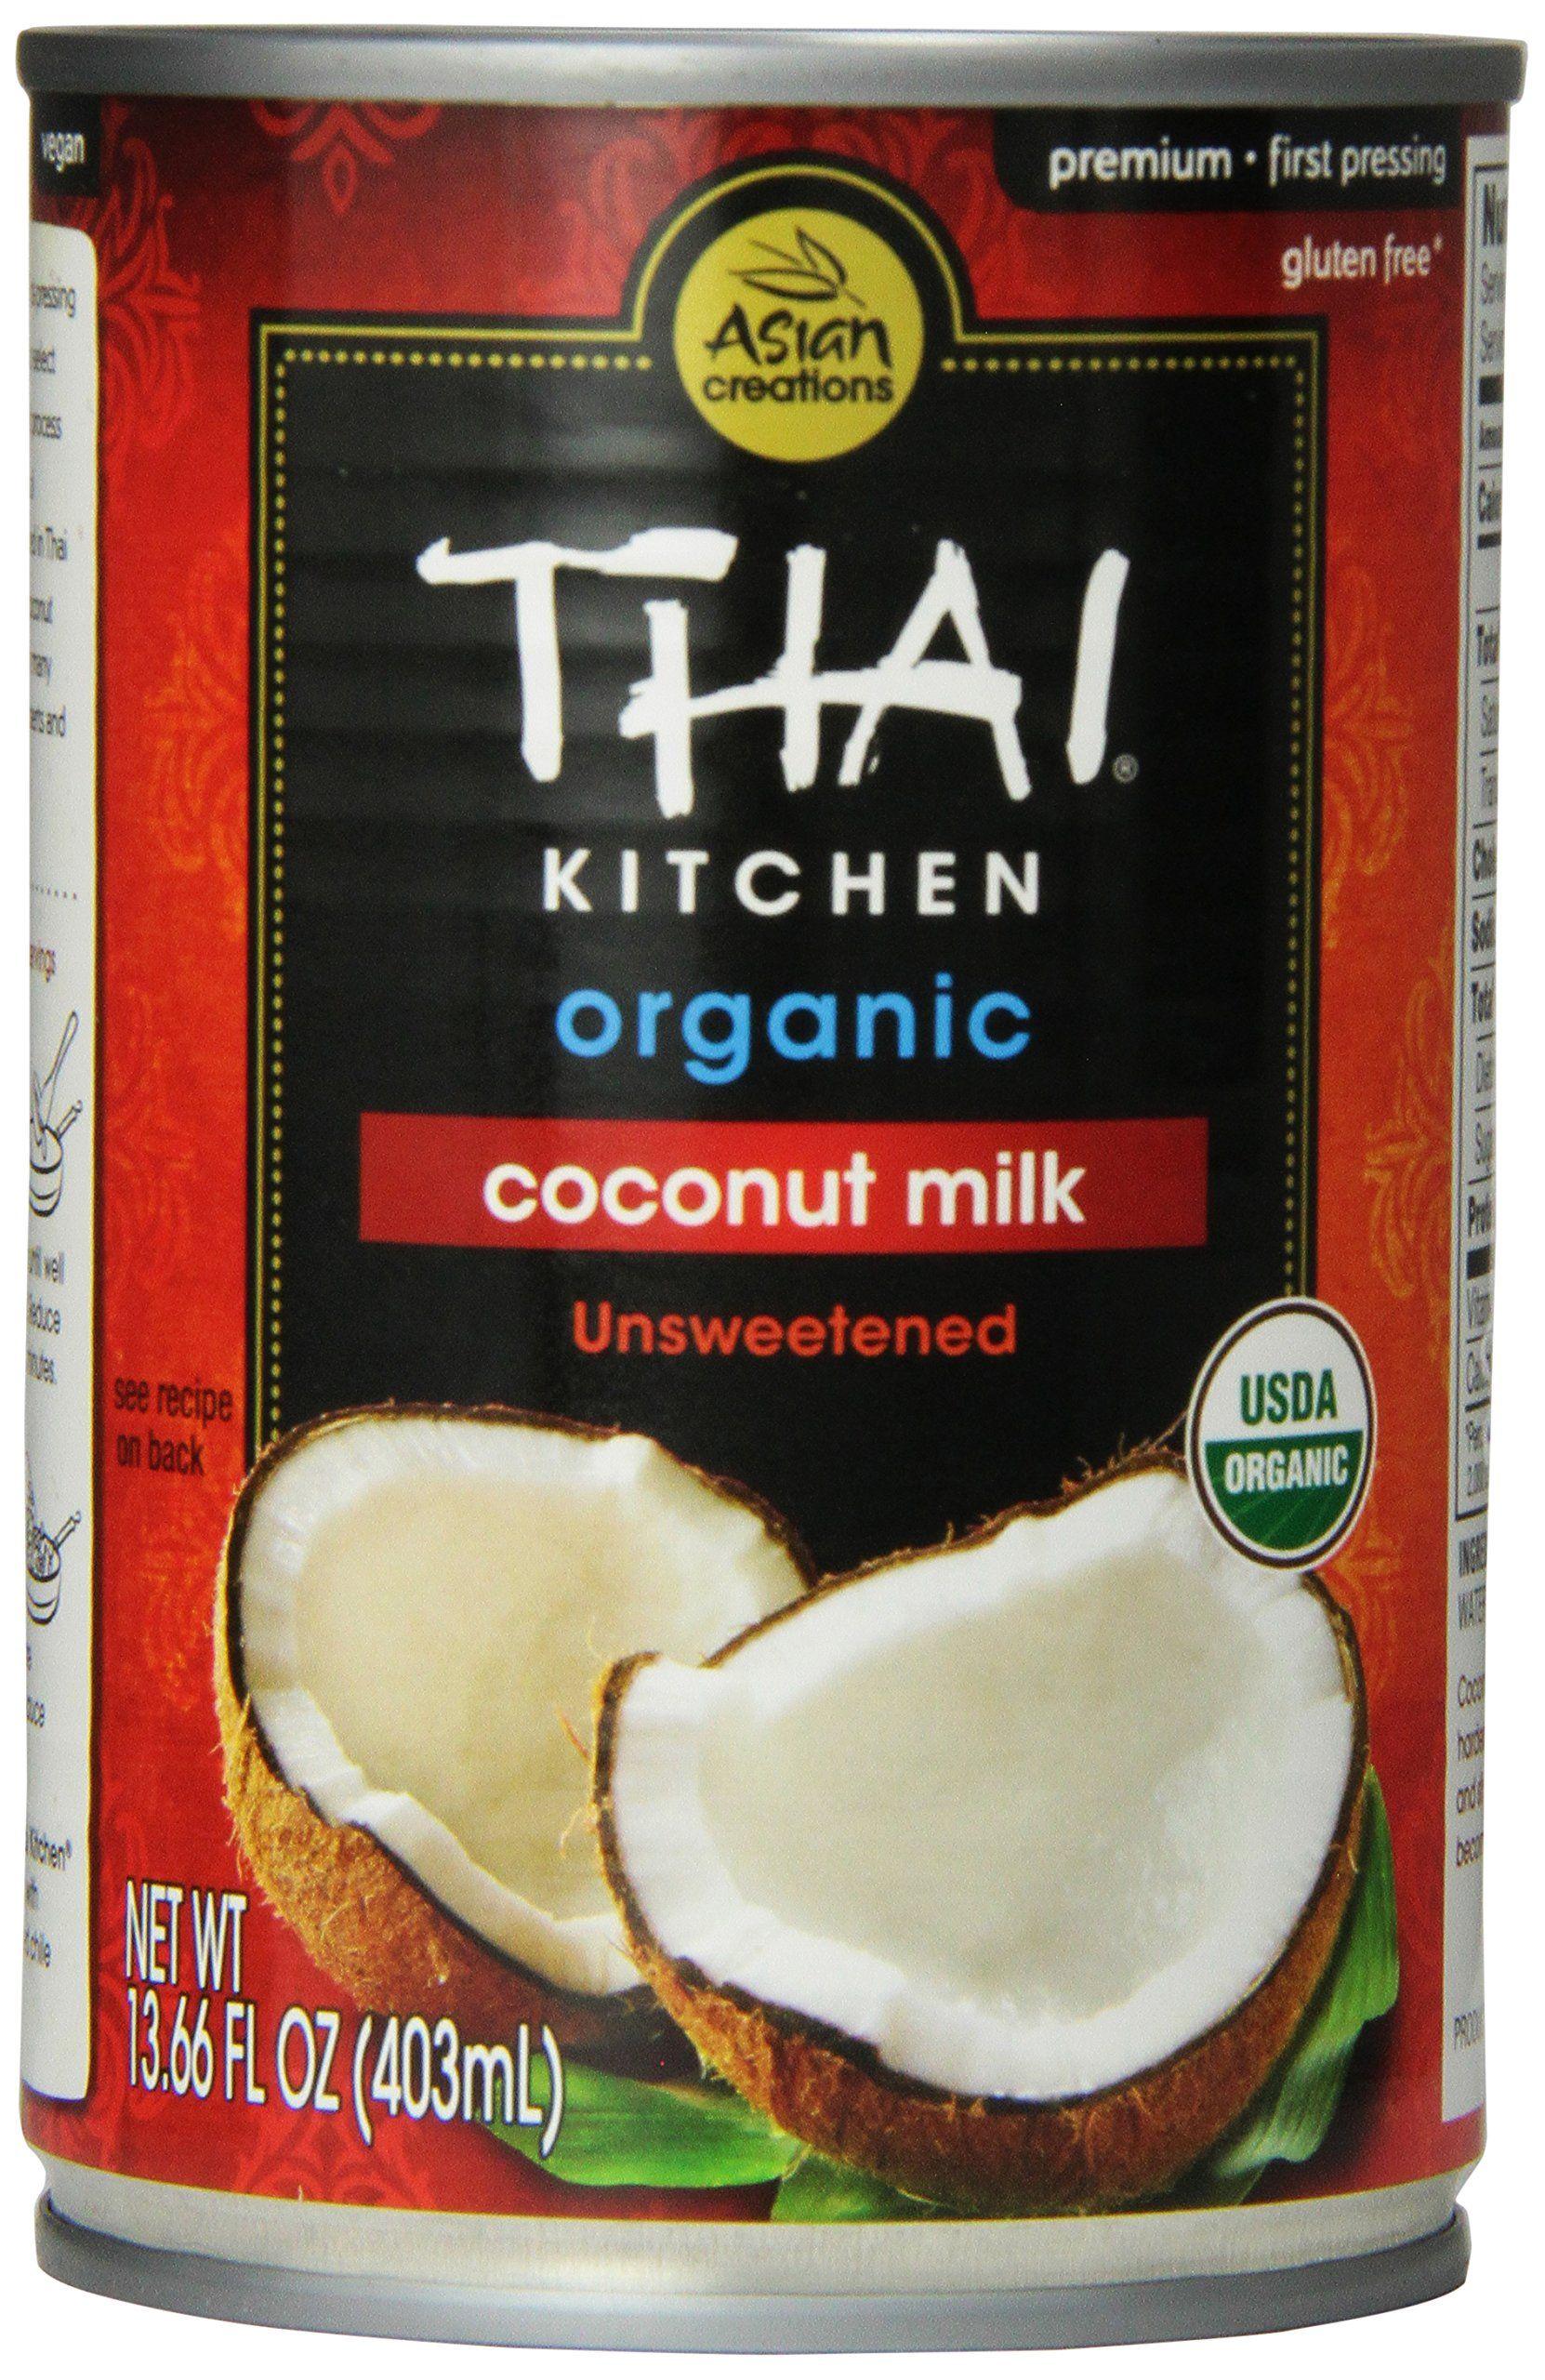 Thai Kitchen Coconut Milk Thai Kitchen Organic Coconut Milk Premium First Pressing 13.66